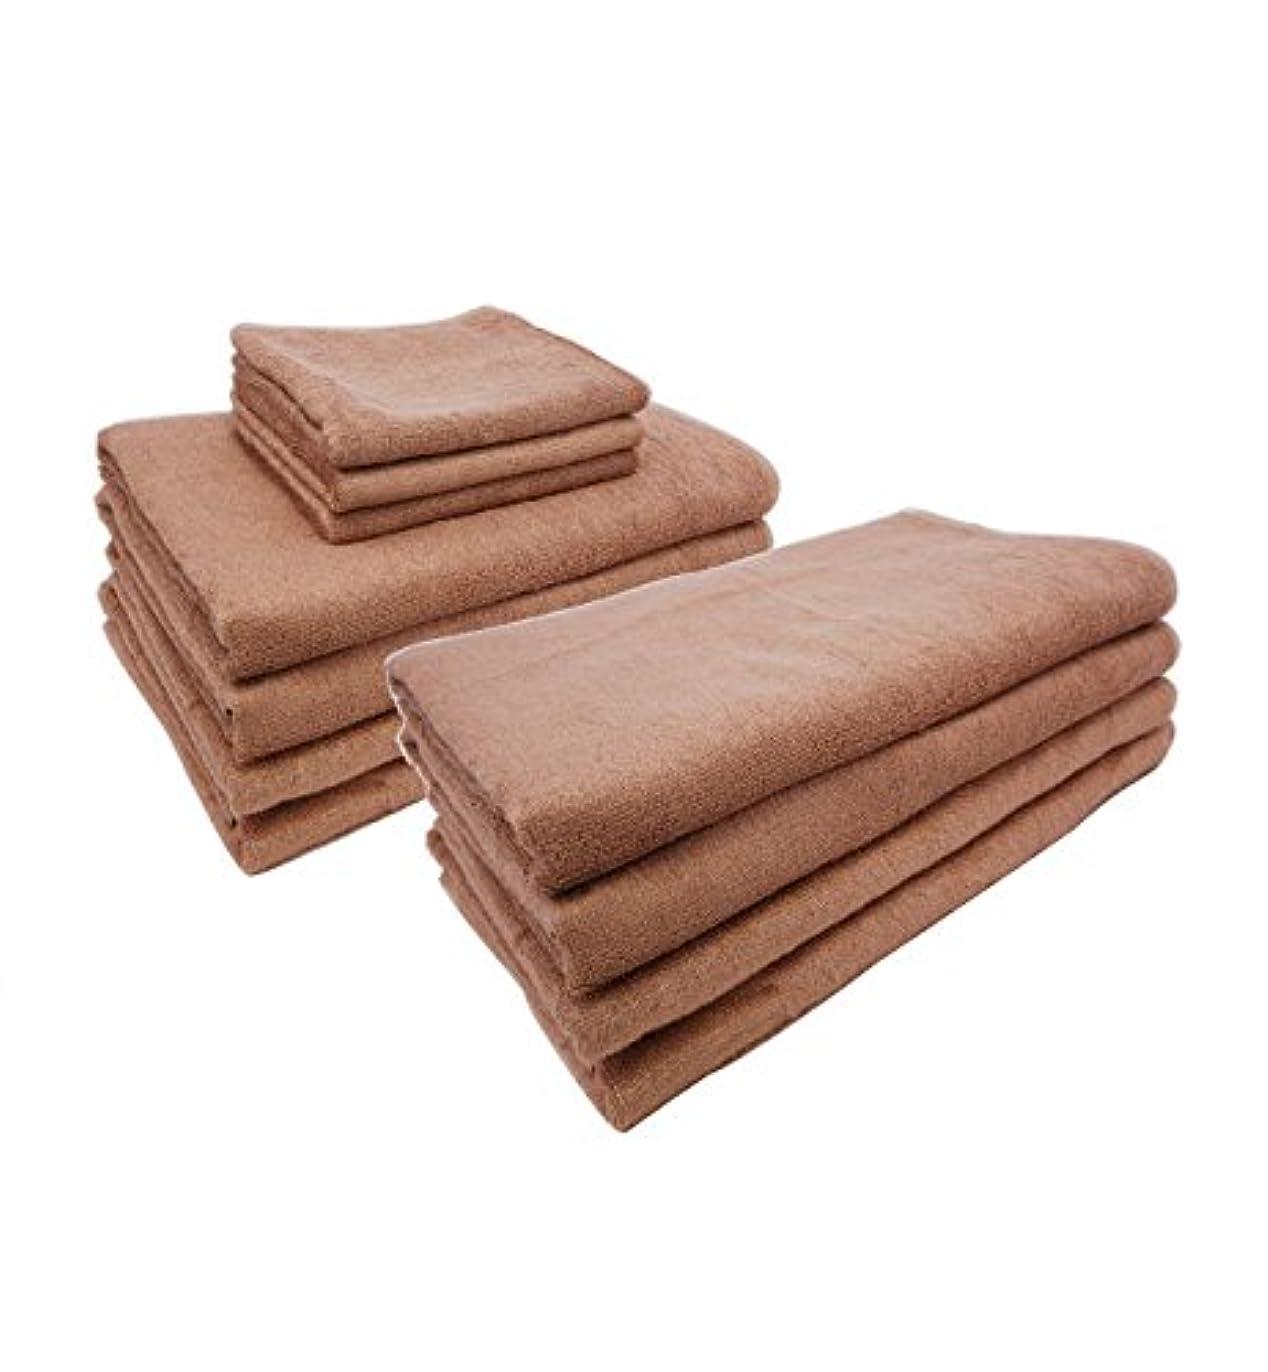 カバーなす考えるまとめ売り やわらか バンブー 竹繊維 タオルシーツ (ソフトベージュ 10枚) 110×210cm 竹タオル 業務用タオル